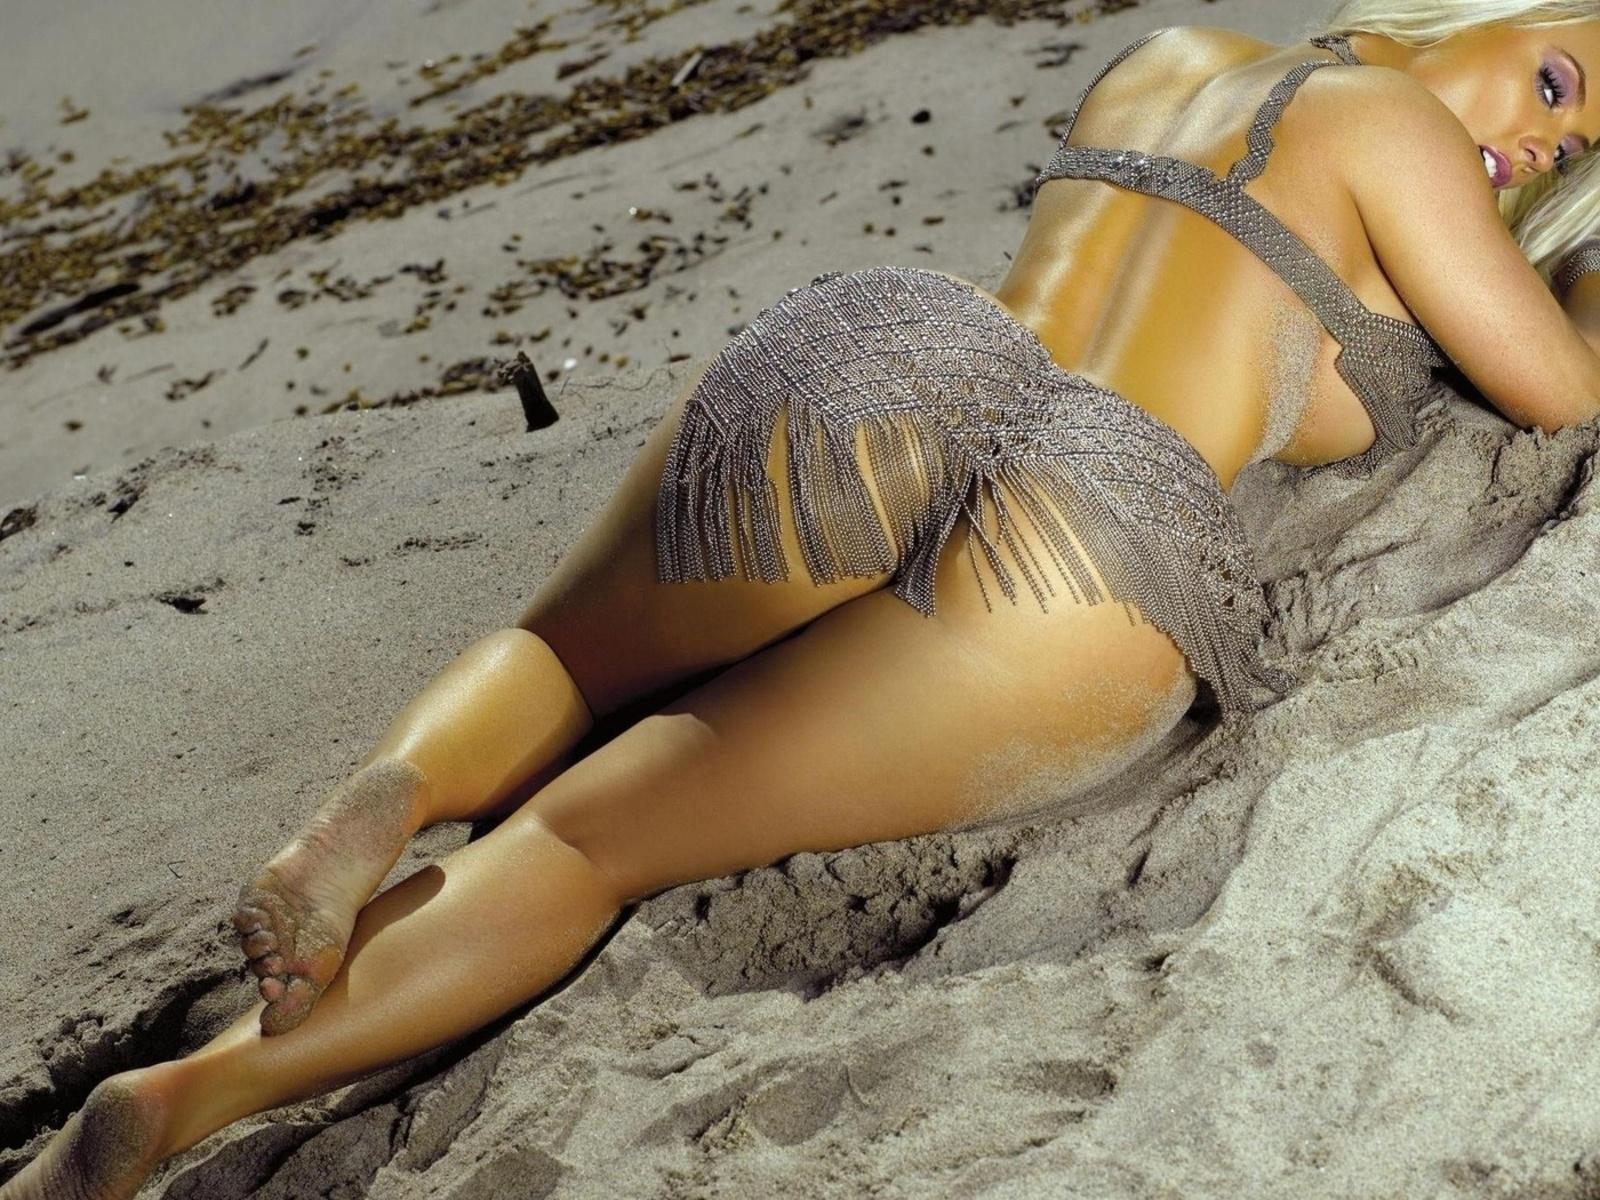 Самые сексуальные женщины в теле, Голые зрелые женщины - фото голых зрелых 4 фотография